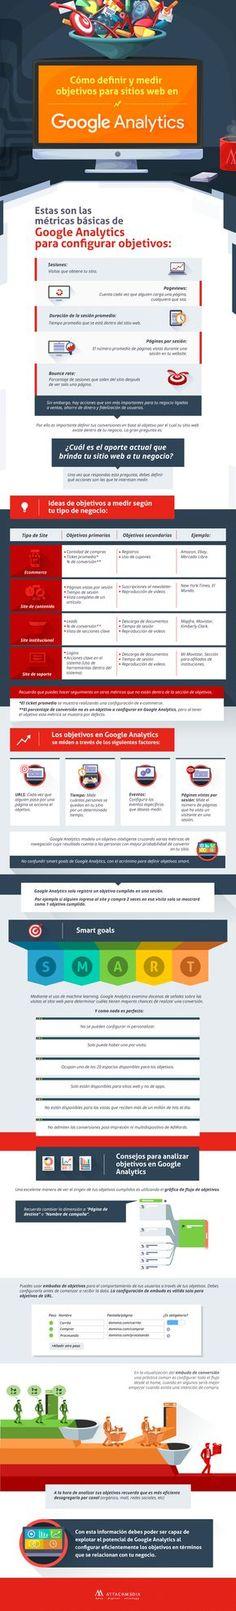 Cómo definir y medir objetivos para sitios web en Google Analytics. Infografía en español. #CommunityManager